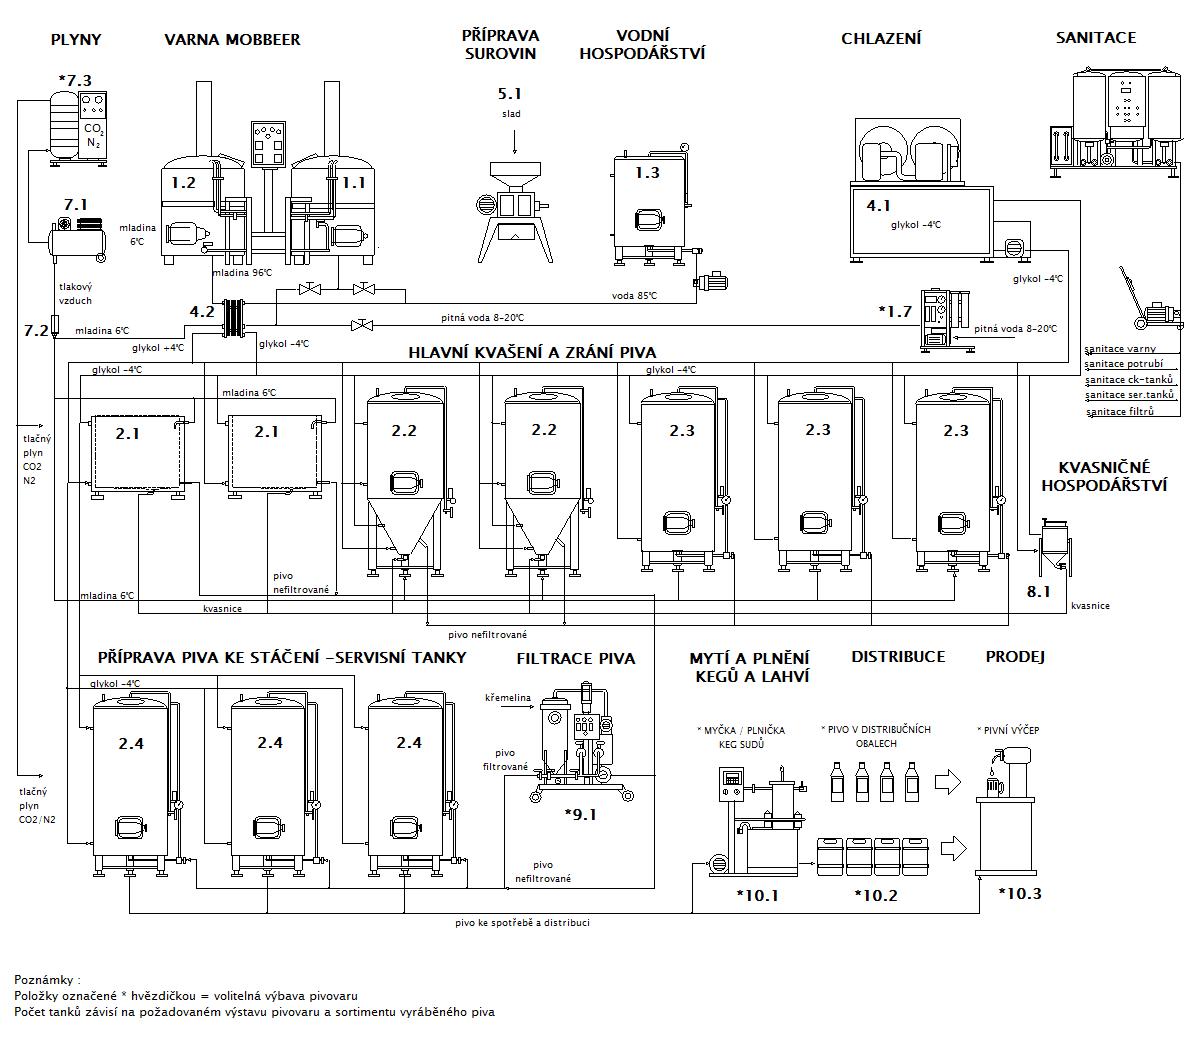 Blokové schéma minipivovaru MOBBEER OCF